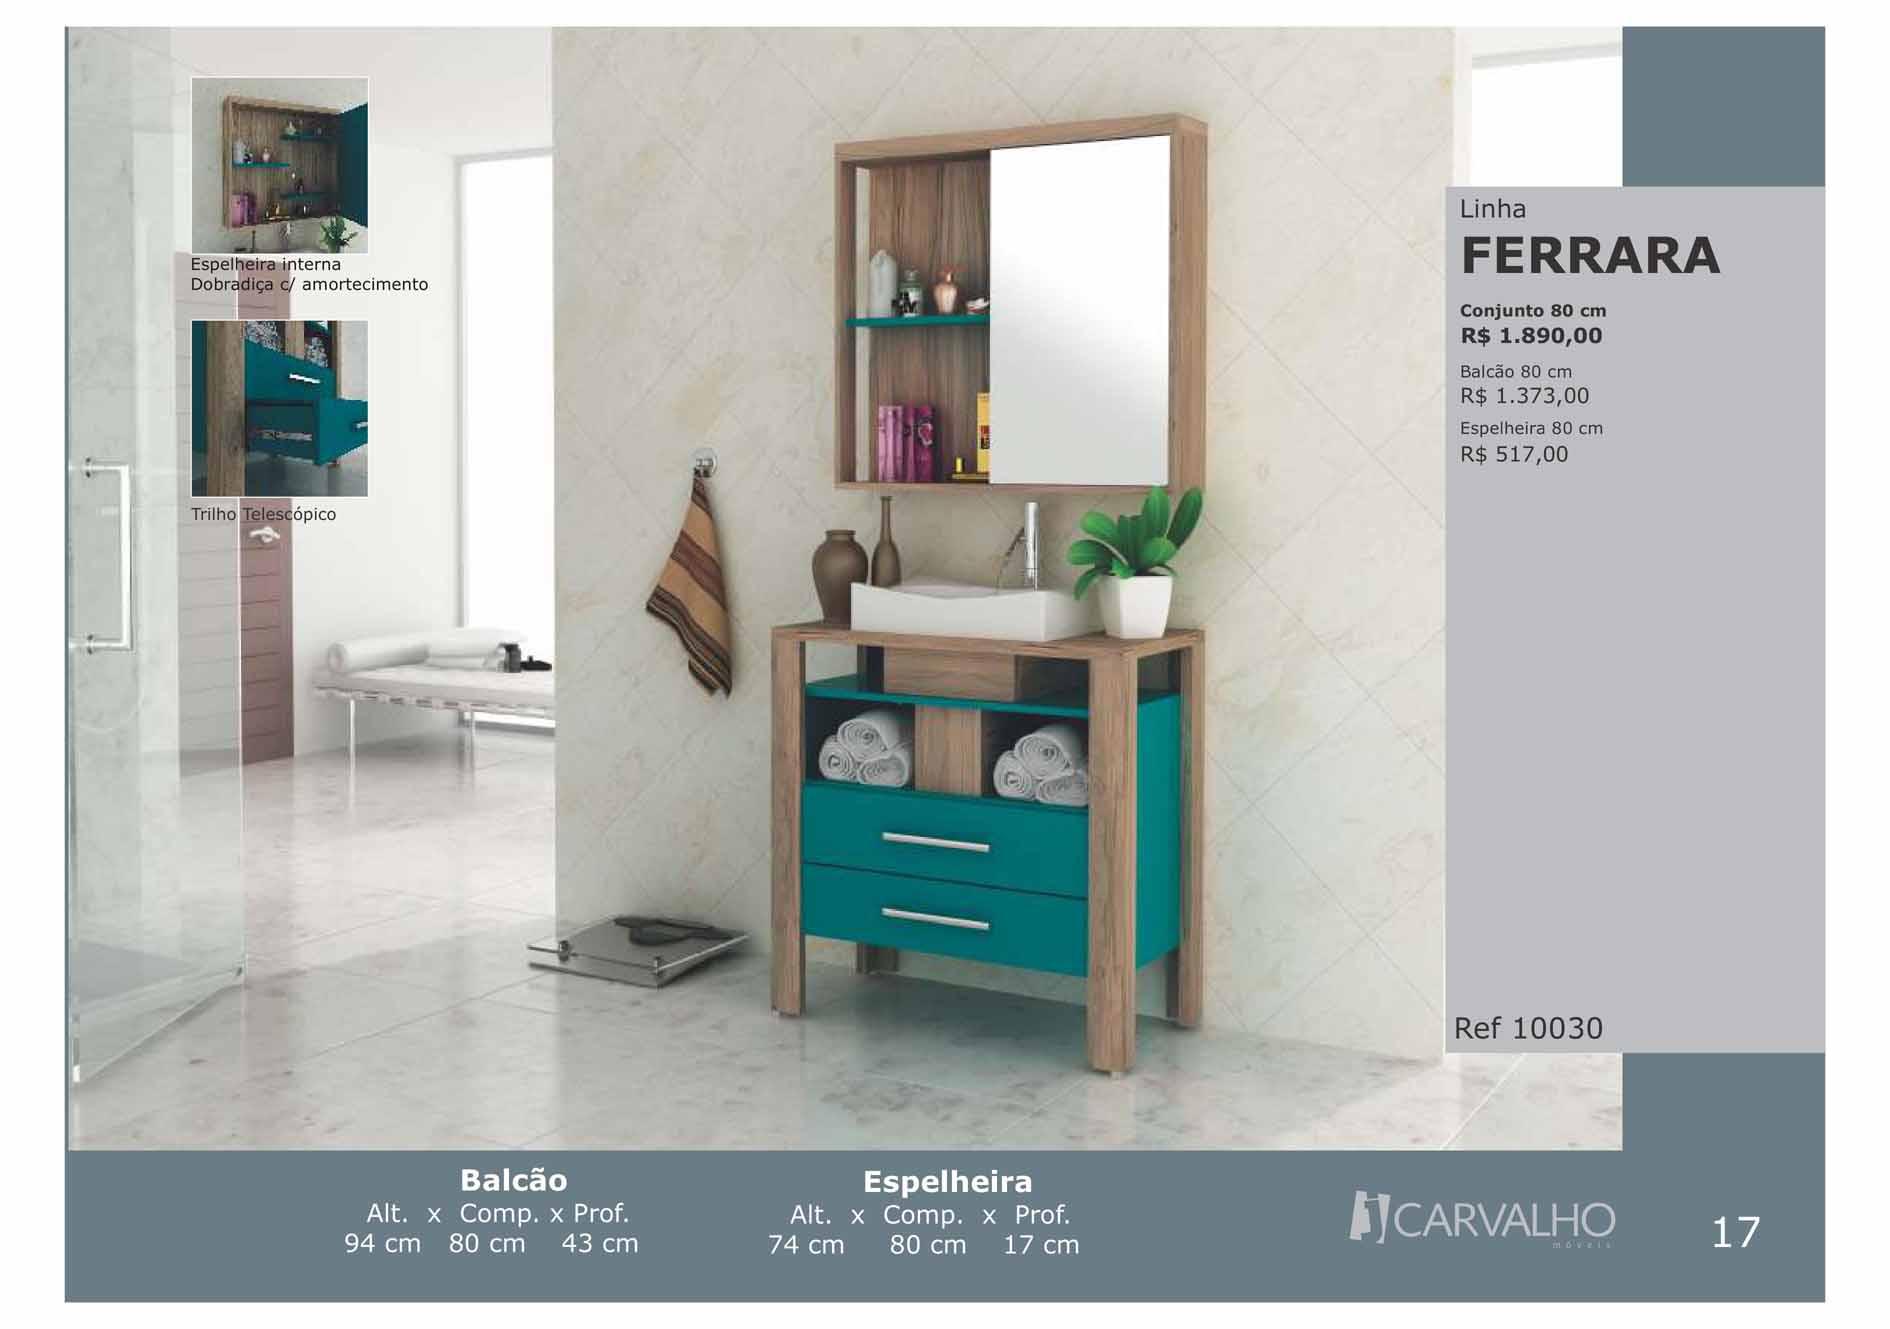 Ferrara – Ref 10030